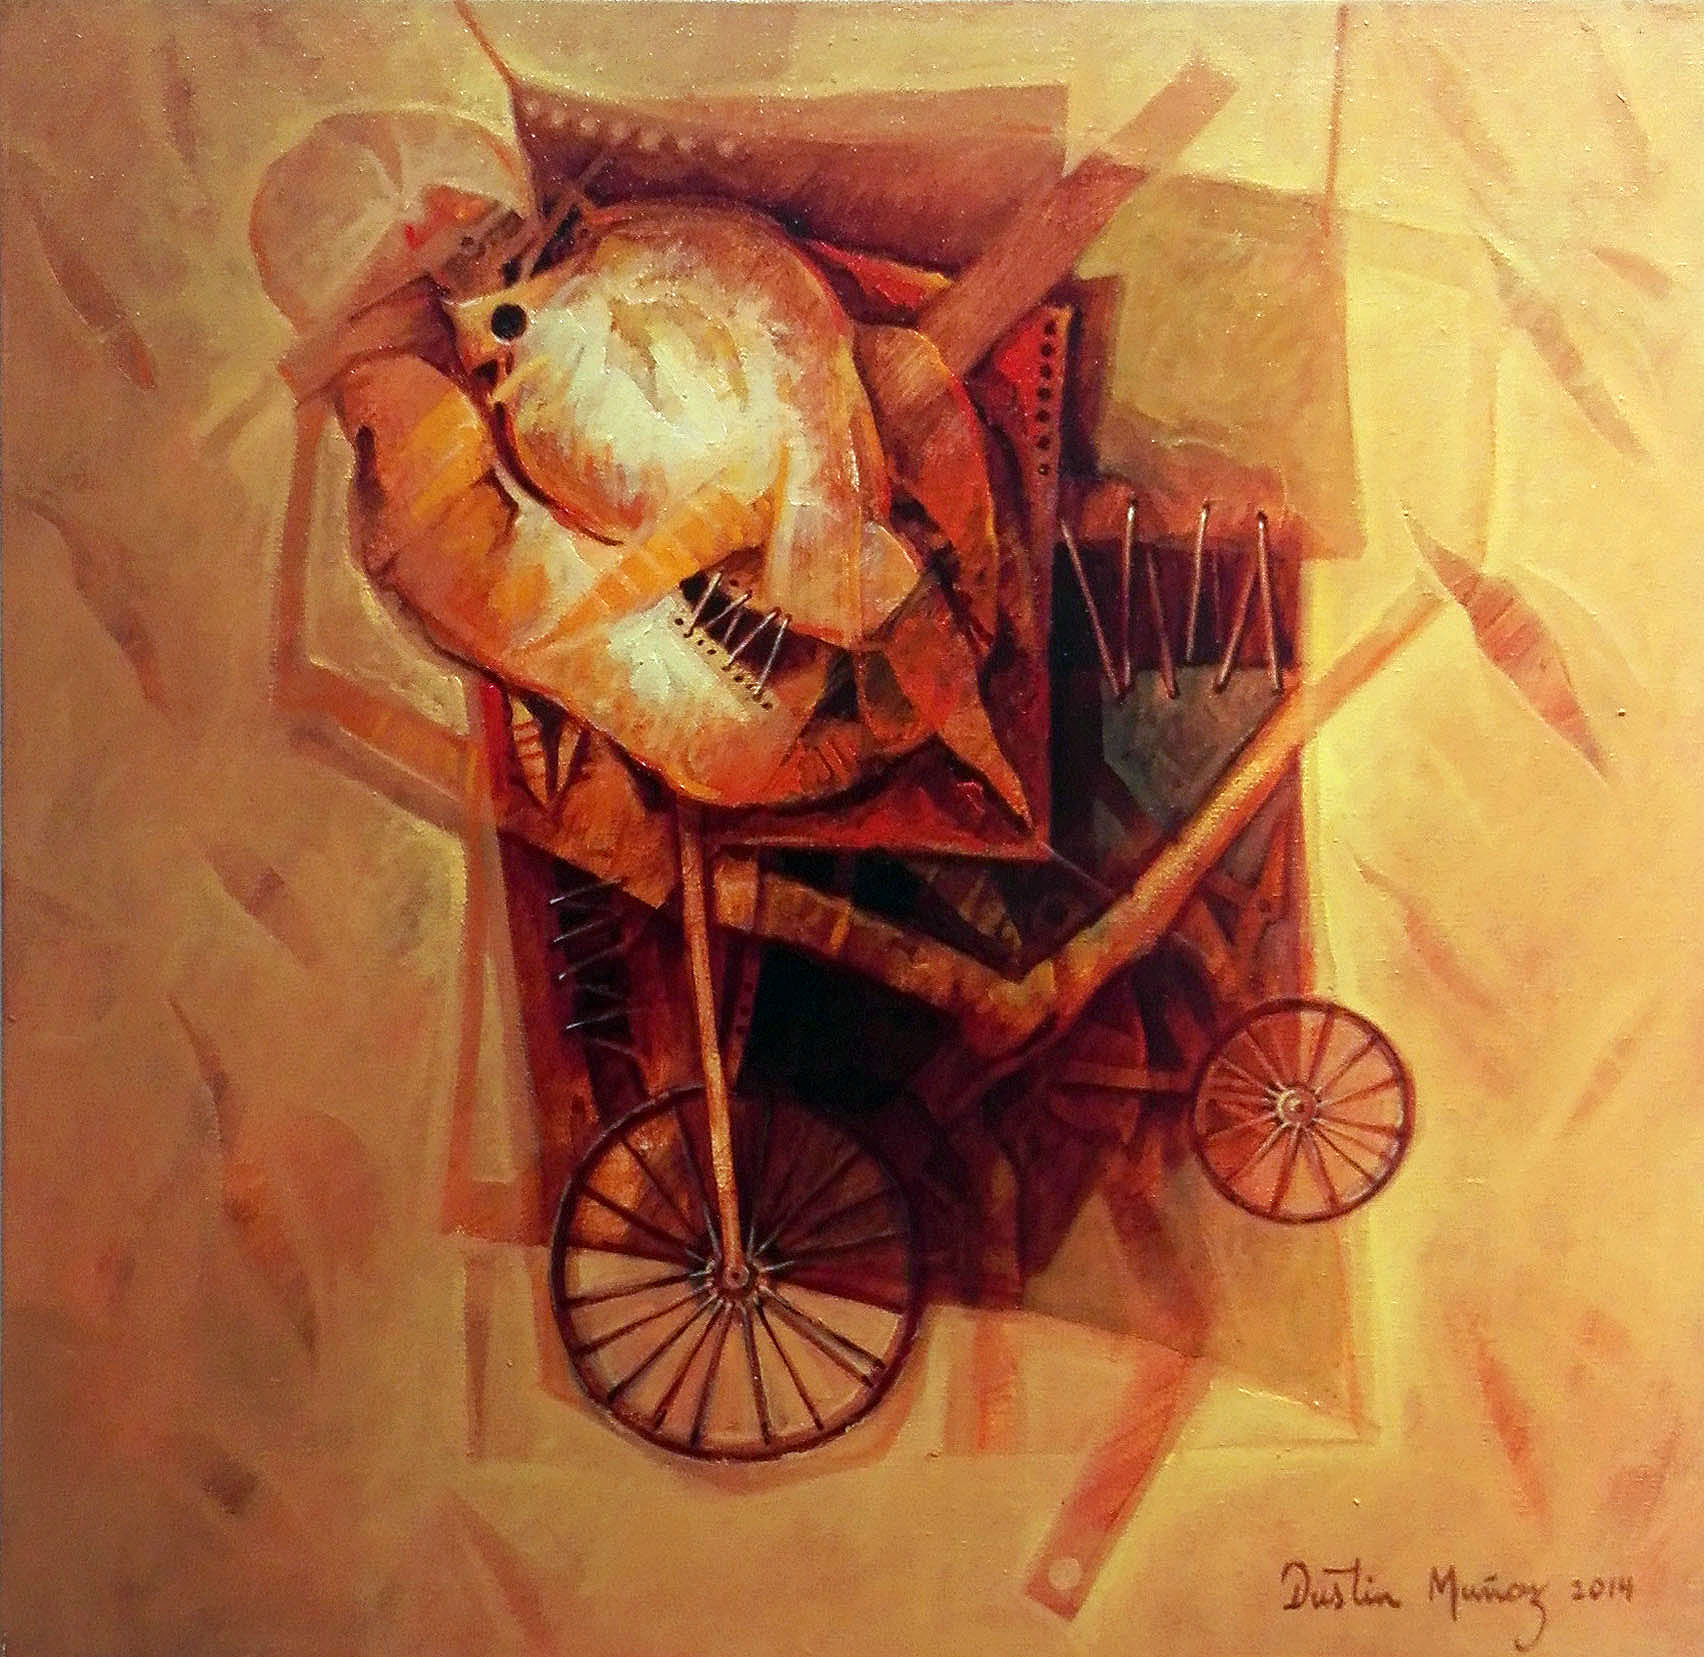 Huellas de un transporte superado II, 50x50 cms, 2014, Dustin Muñoz